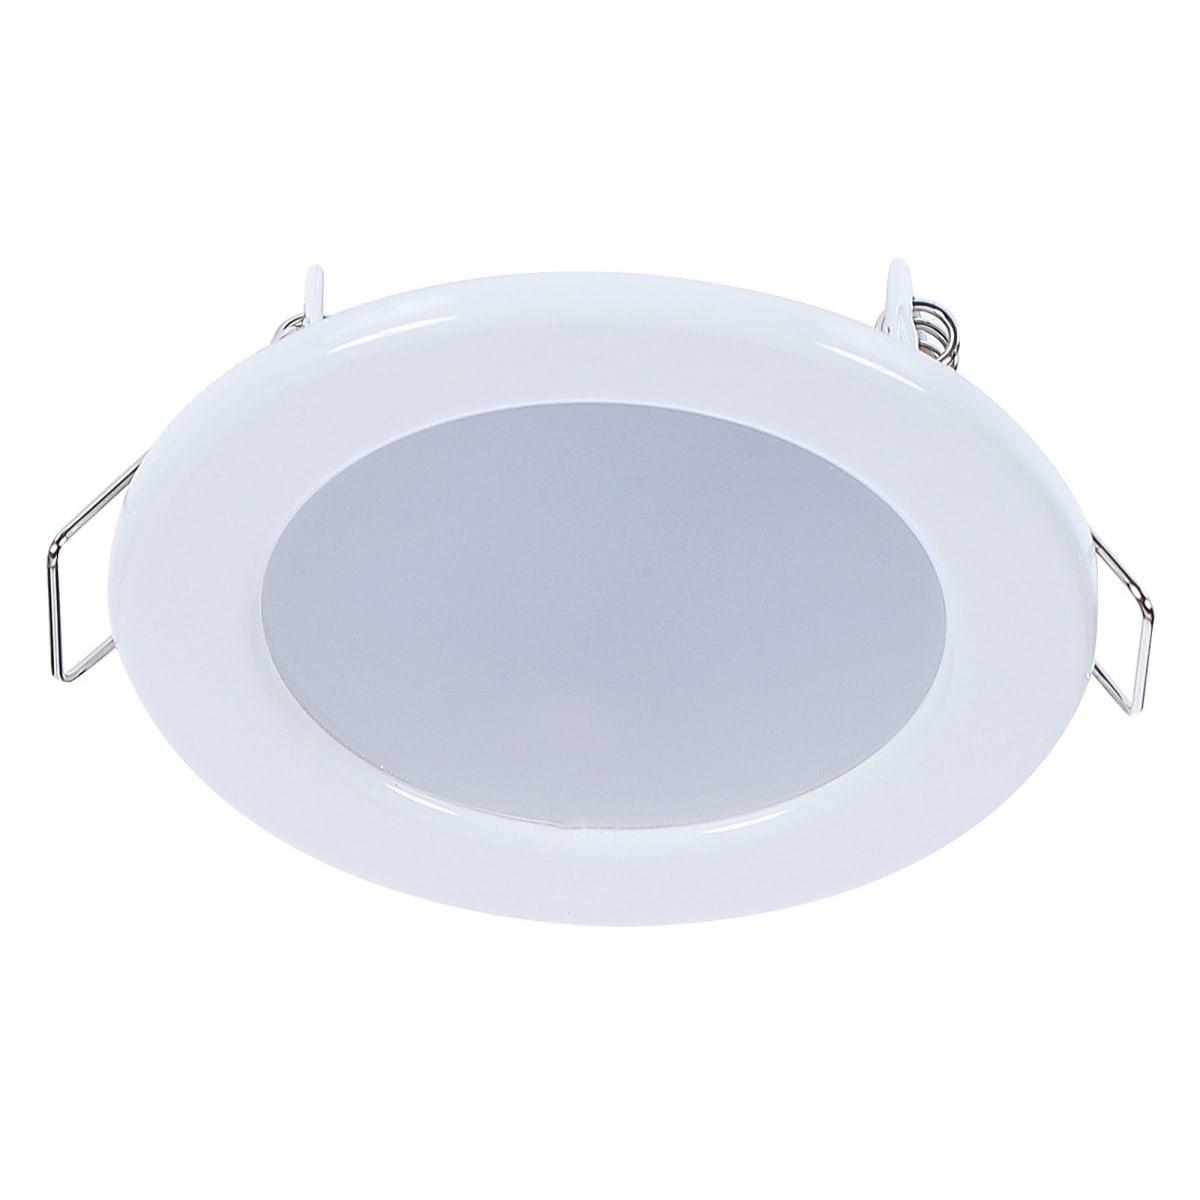 Светильник светодиодный встраиваемый «Стандарт», 4 Вт, 280 Лм, 220 В, цвет белый, свет дневной белый